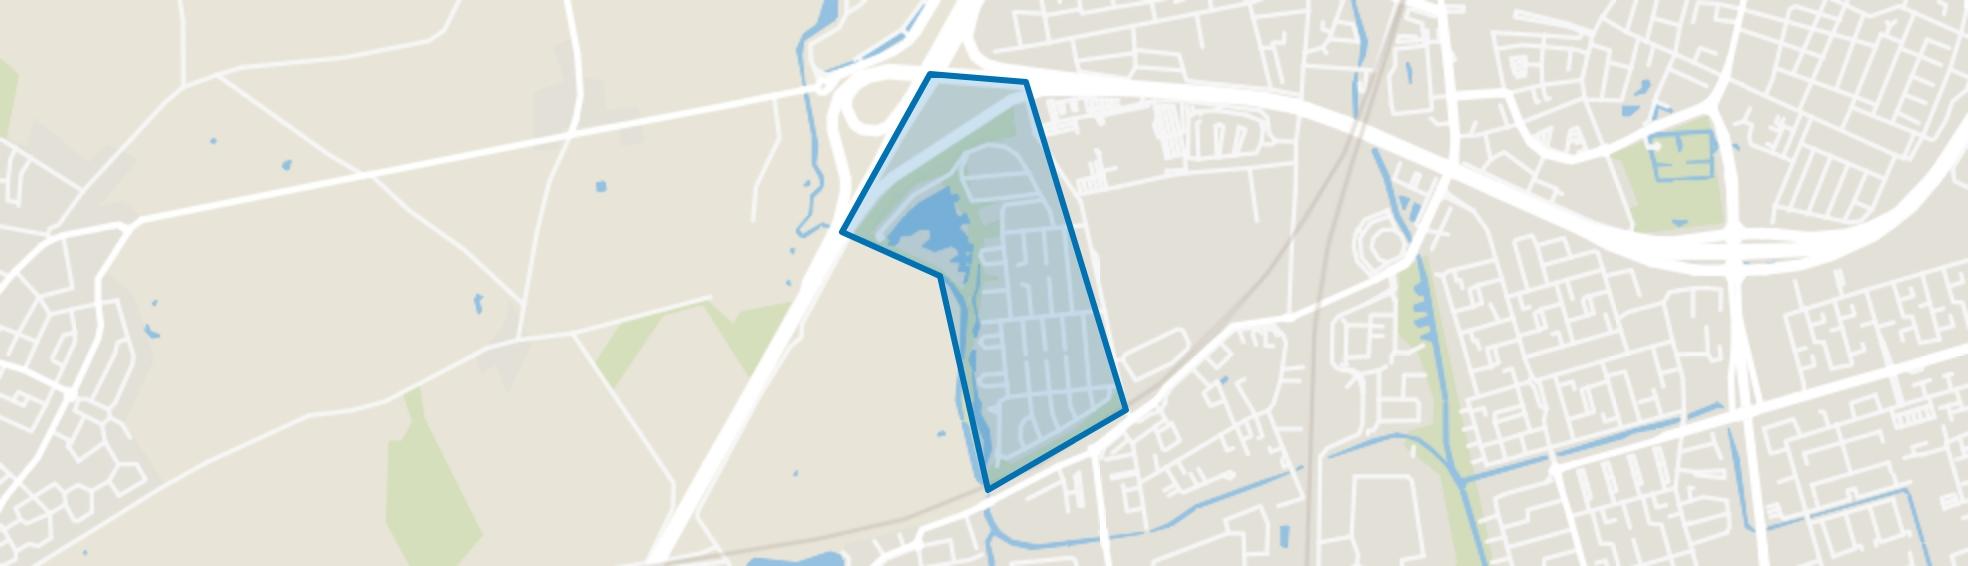 Weihoek-Oost, Roosendaal map